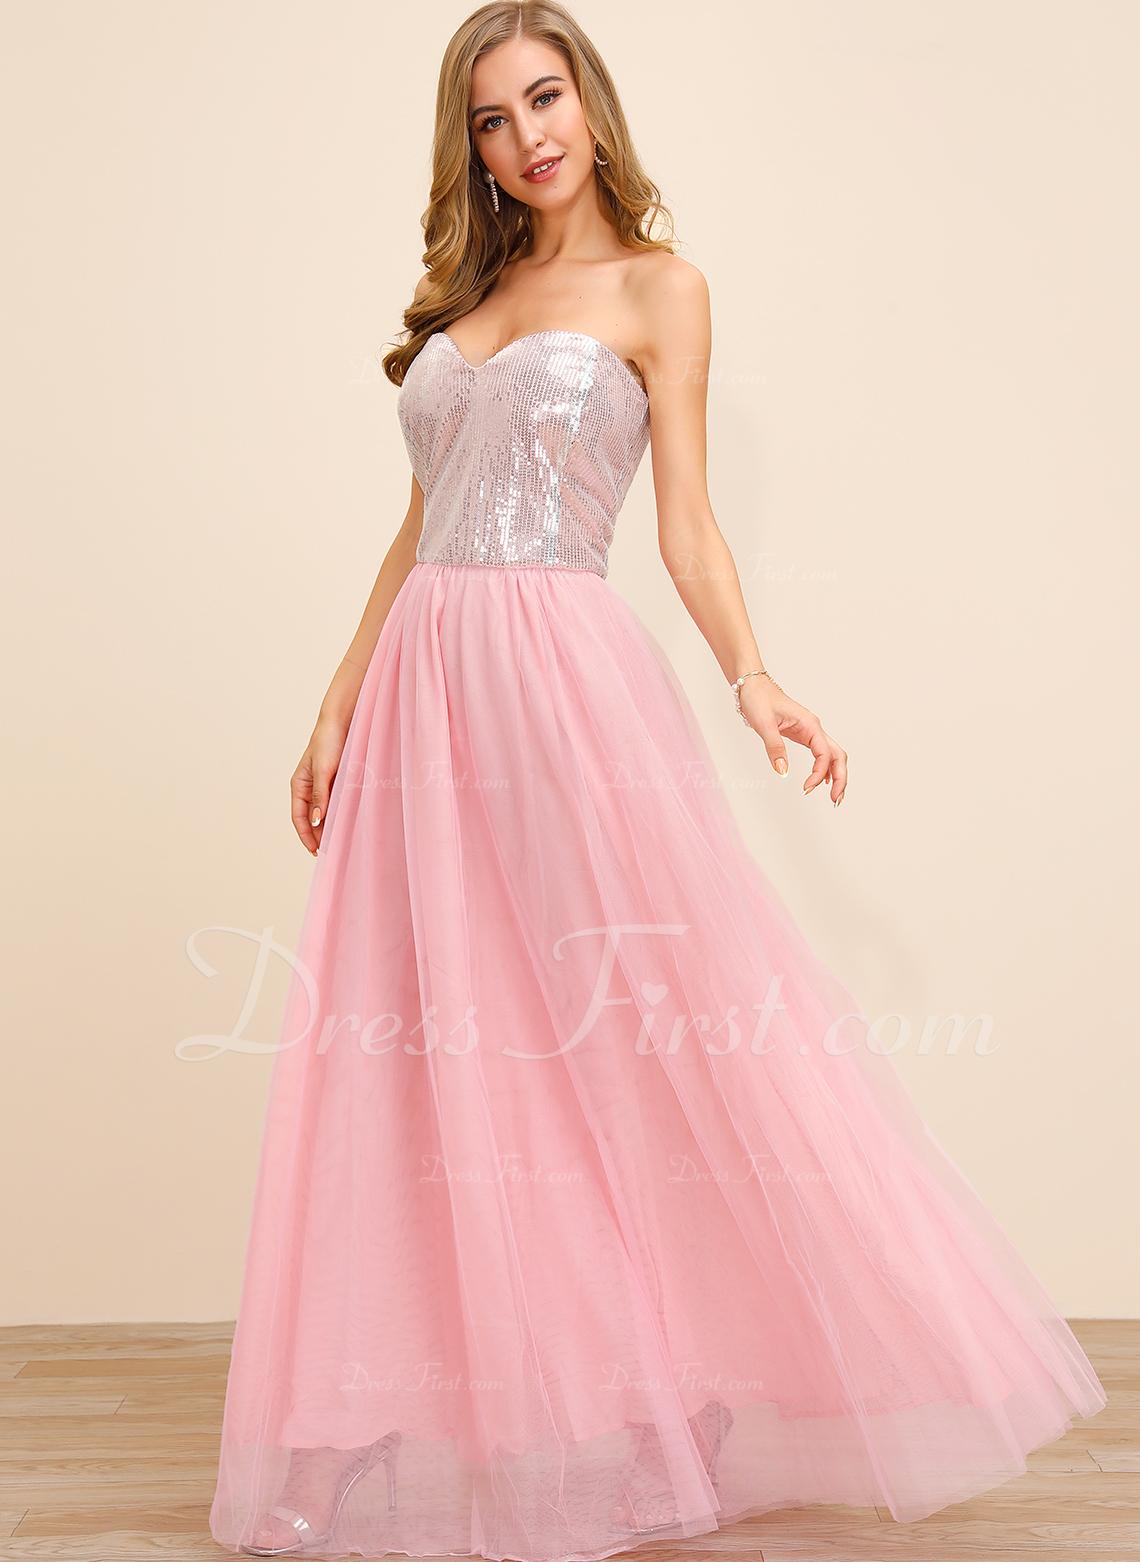 スパンコール 固体 Aラインワンピース ノースリーブ マキシ パーティー セクシー ファッションドレス